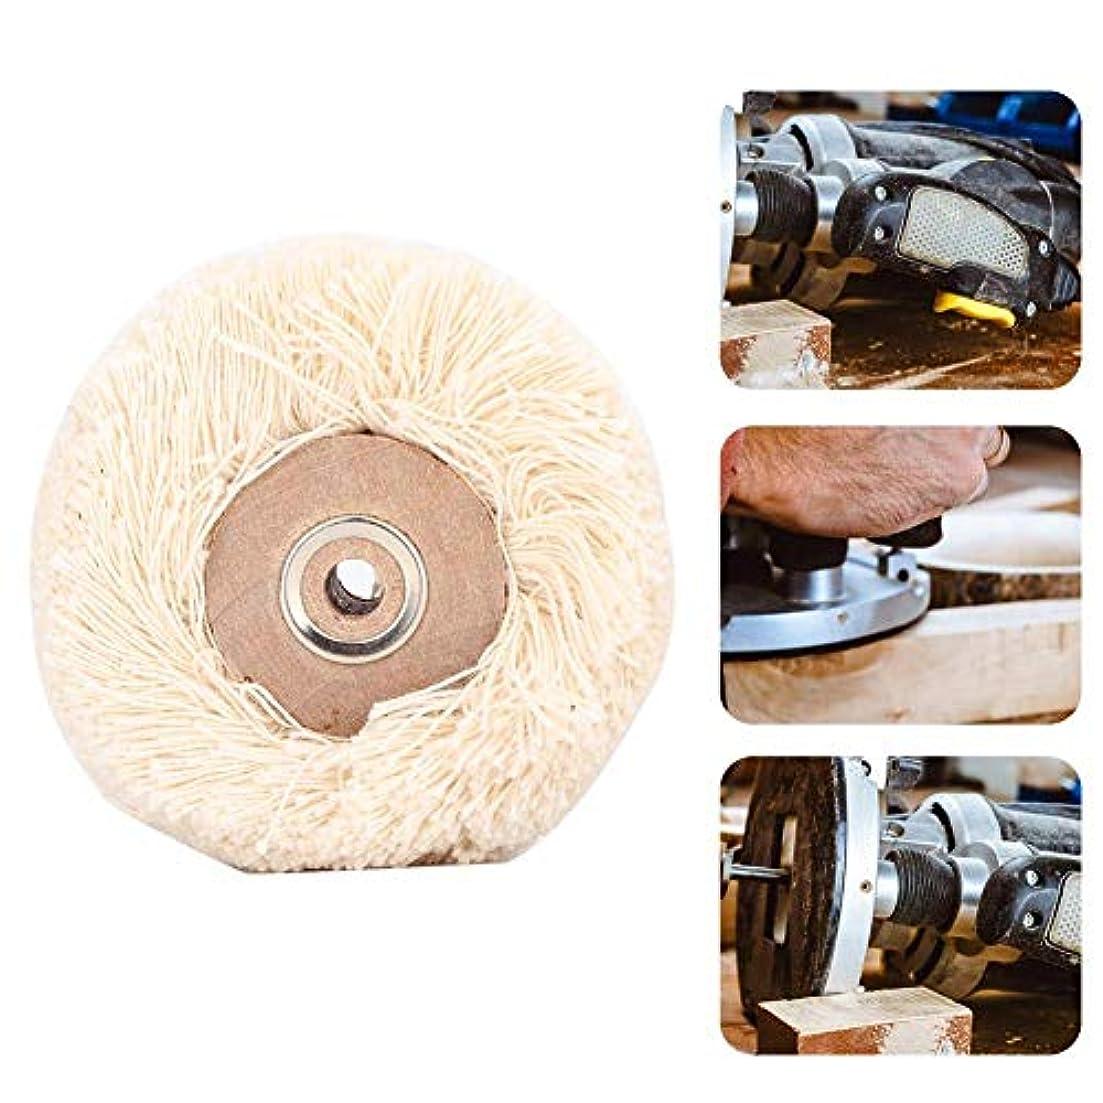 瞑想する休憩思想研磨ヘッド 回転工具 研磨ドリルグラインダーホイールブラシジュエリー研磨工具(M)